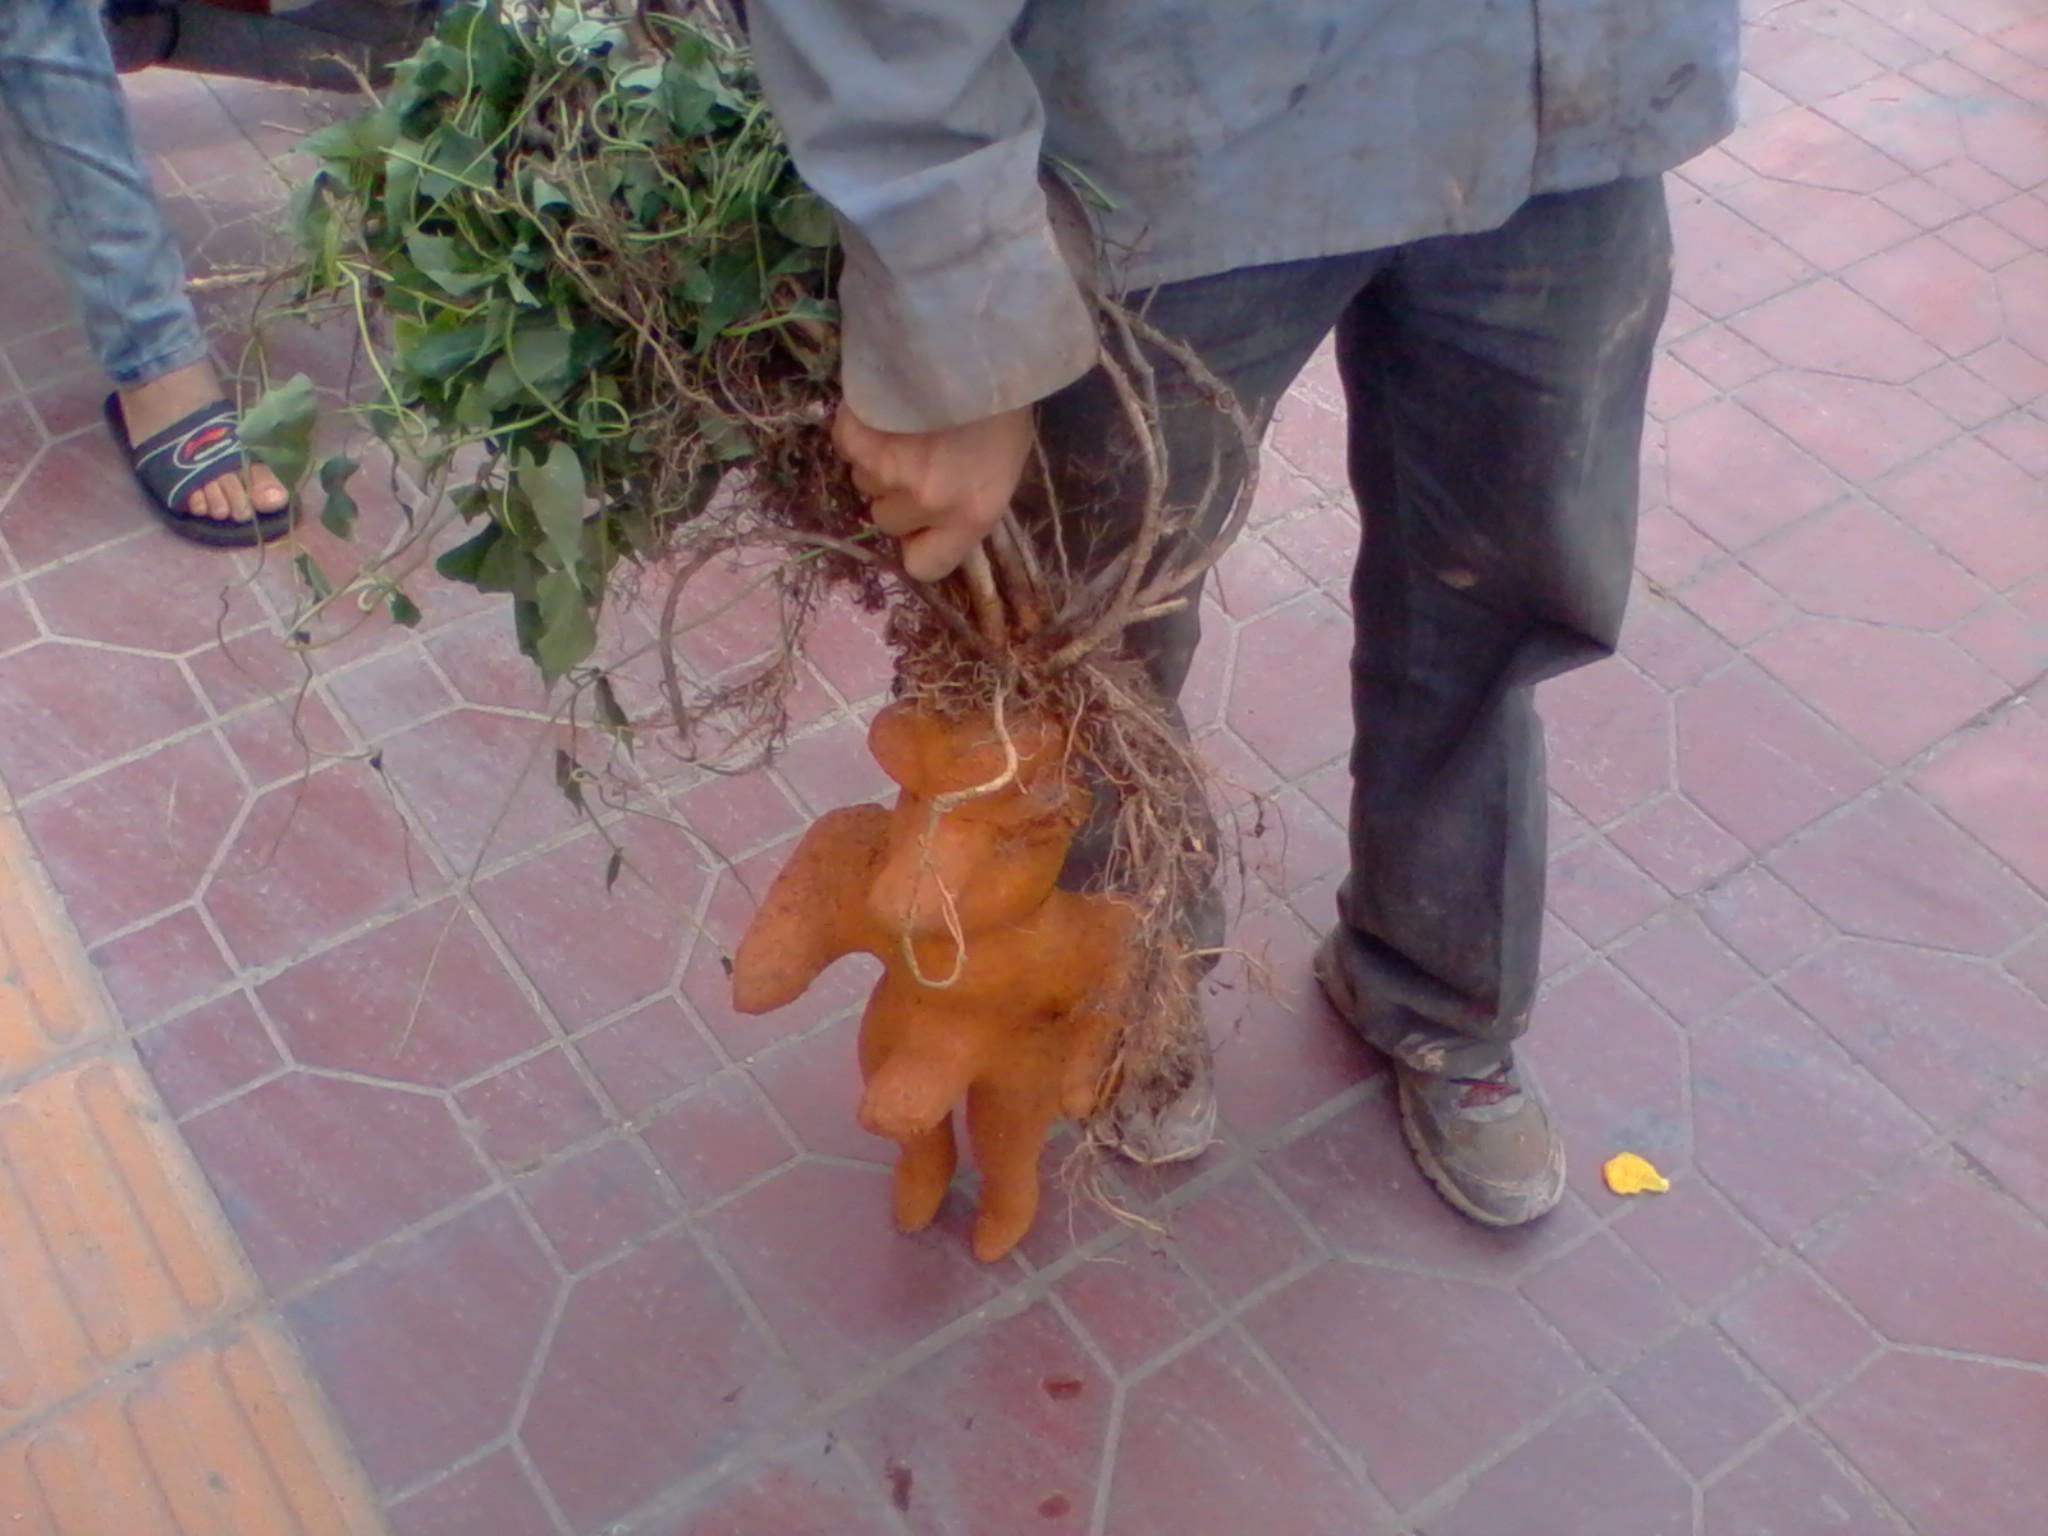 动物搞笑图片来福岛_这样的植物,能长的再邪恶点么_奇闻怪事_来福讲笑话